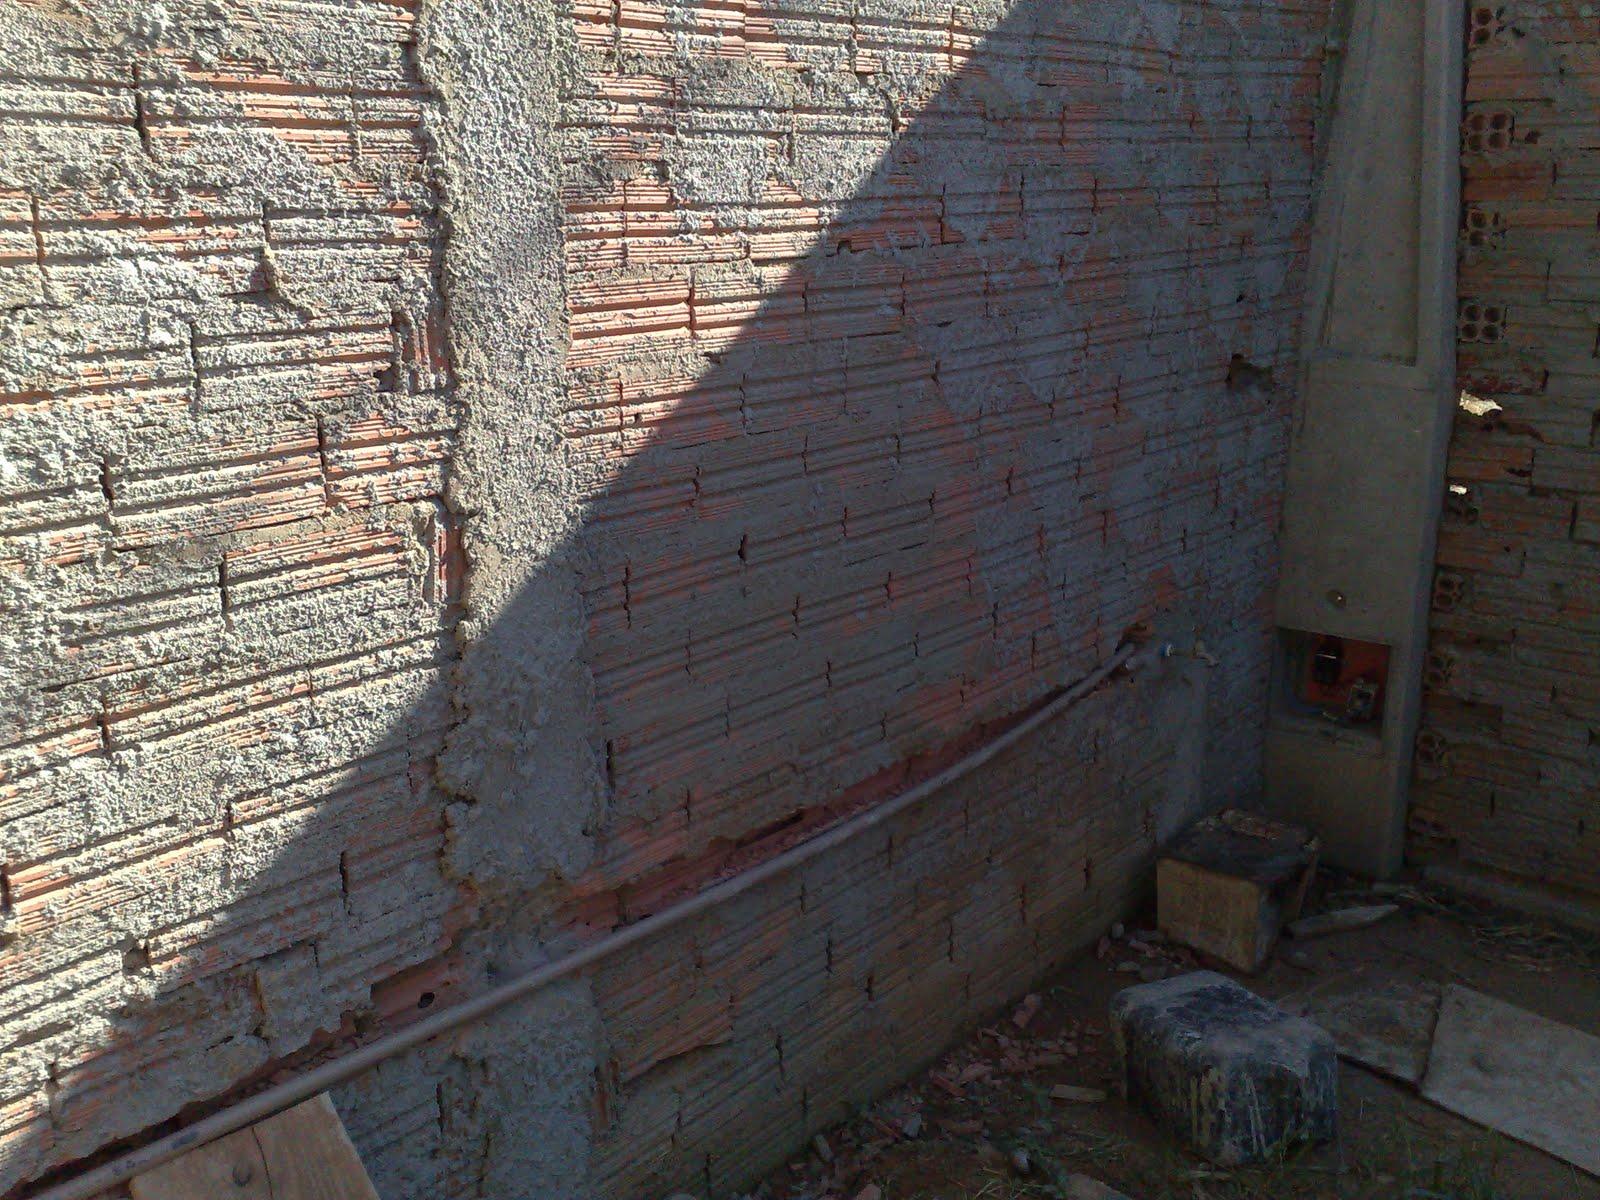 Famosos Passo a passo da construção da minha primeira casa: encanamento ZE73